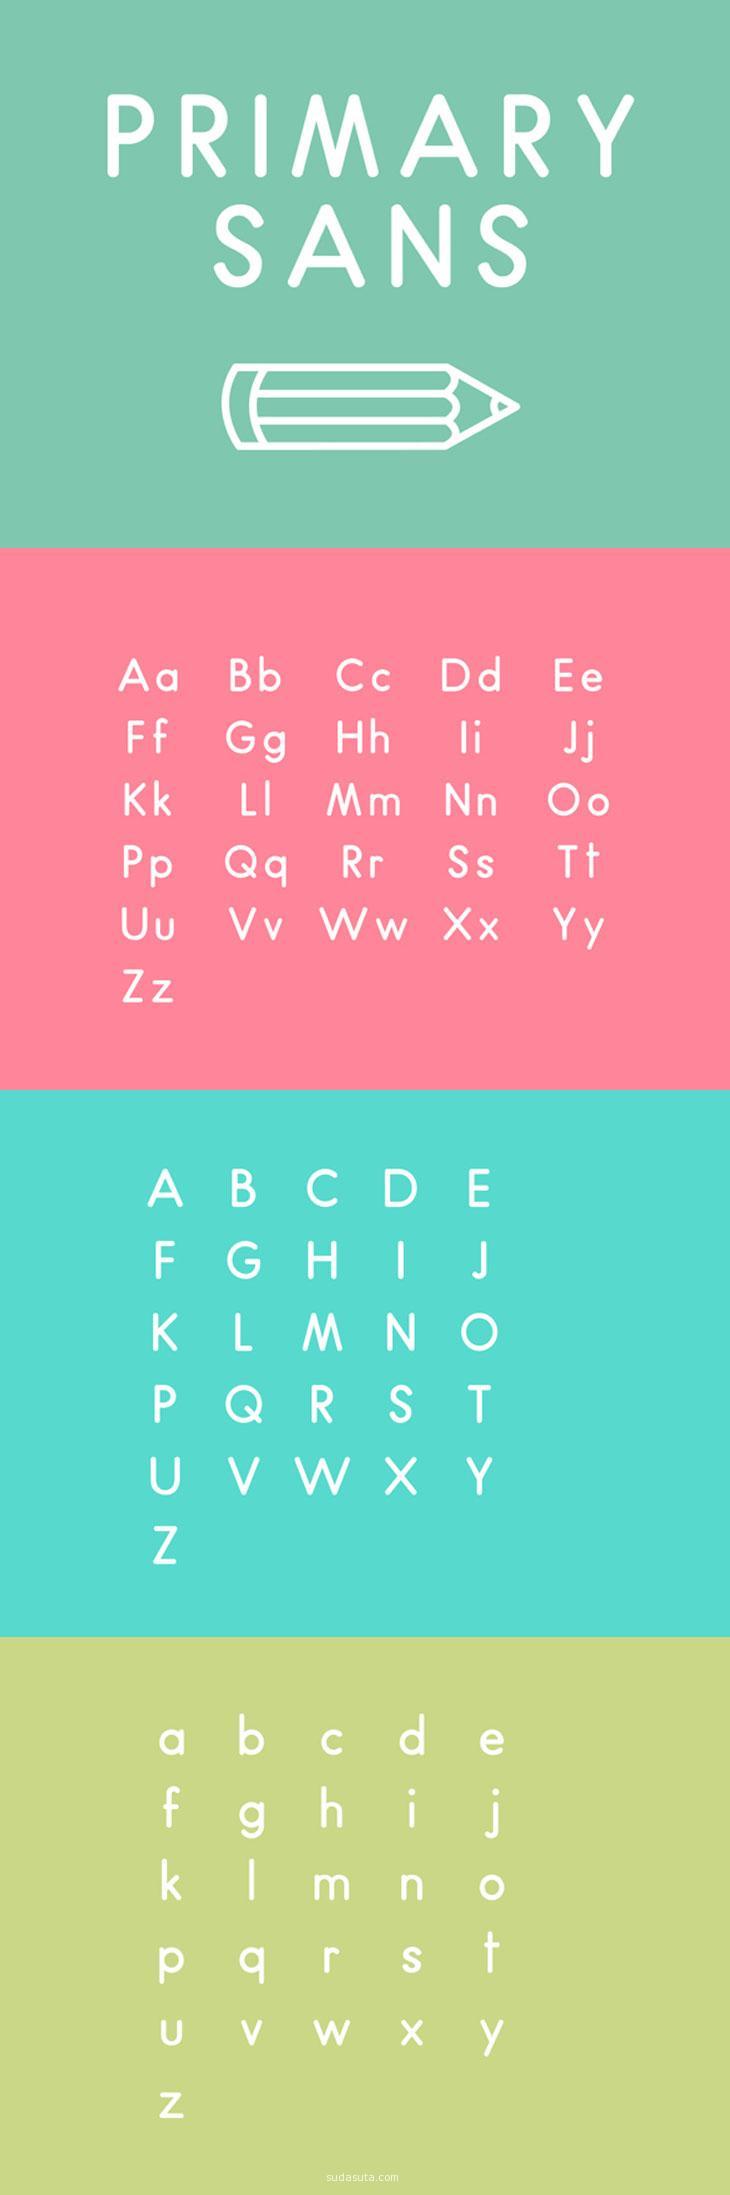 Primary-Sans